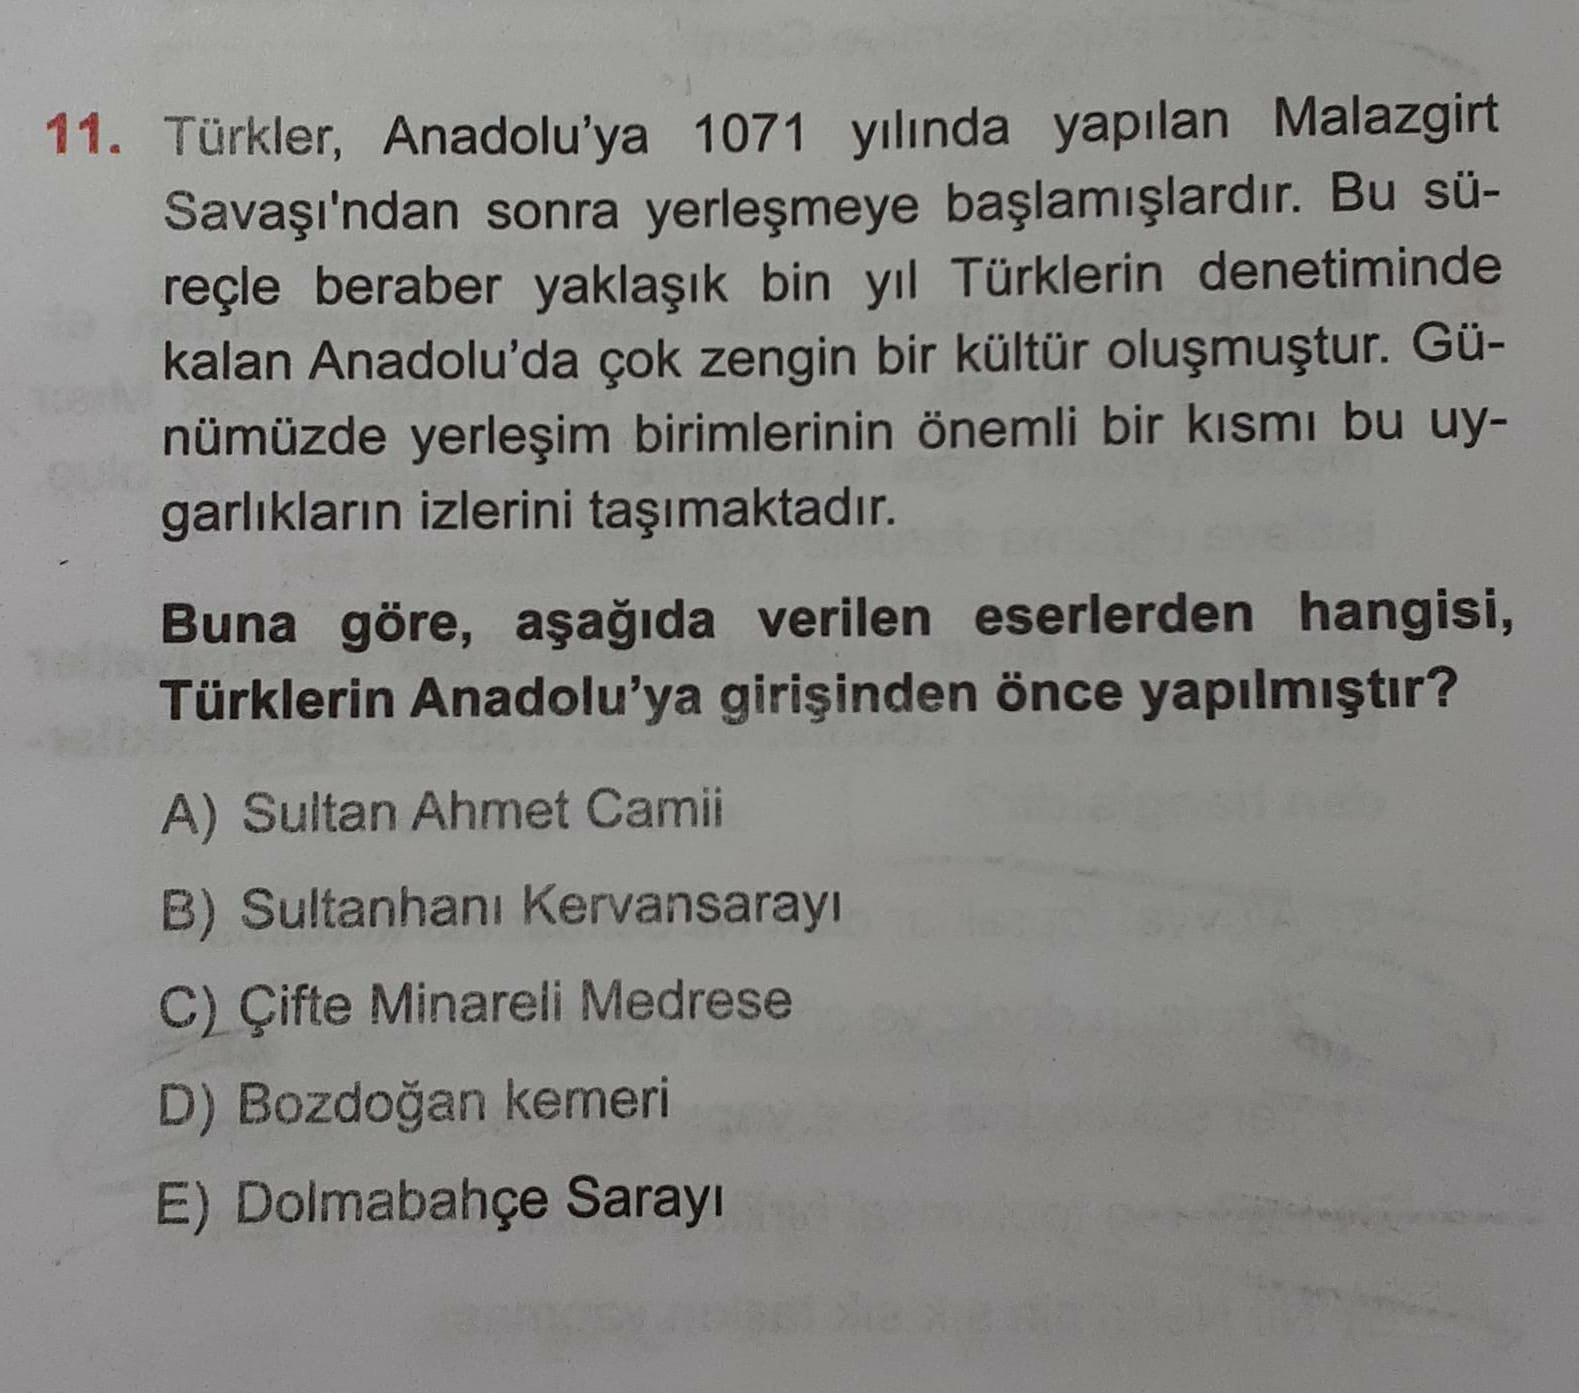 11. Türkler, Anadolu'ya 1071 yılında yapılan Malazgirt Savaşı'ndan sonra yerleşmeye başlamışlardır. Bu sü- reçle beraber yaklaşık bin yıl Türklerin denetiminde kalan Anadolu'da çok zengin bir kültür oluşmuştur. Gü- nümüzde yerleşim birimlerinin önemli bir